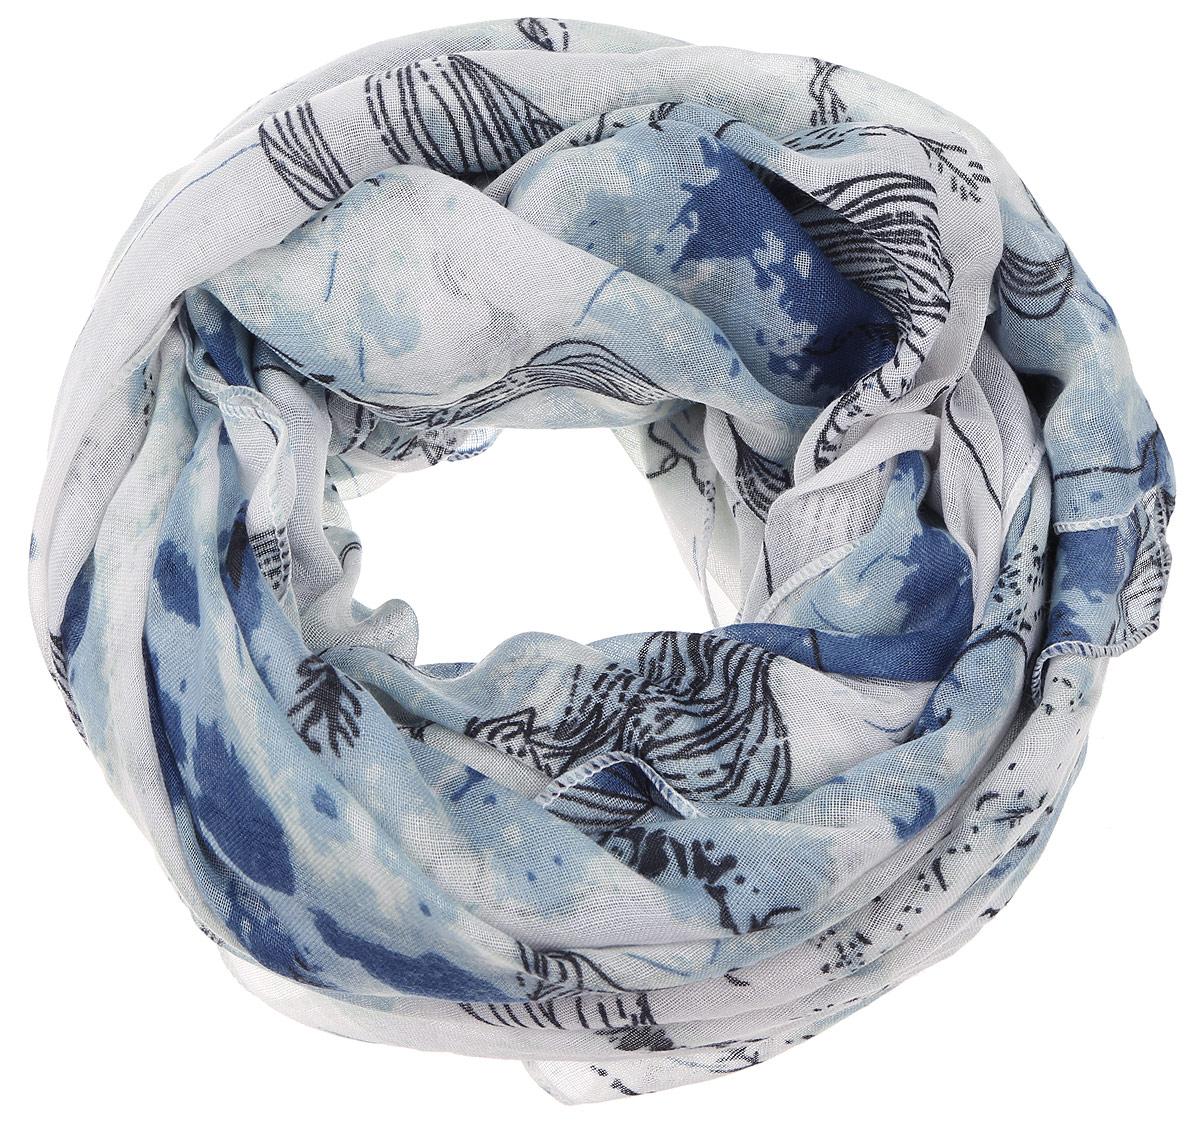 YY-11656-11Элегантный палантин Sophie Ramage изготовлен из высококачественного модала с добавлением шерсти. Оформлена модель стильным цветочным принтом. Палантин красиво драпируется, он превосходно дополнит любой наряд и подчеркнет ваш изысканный вкус.